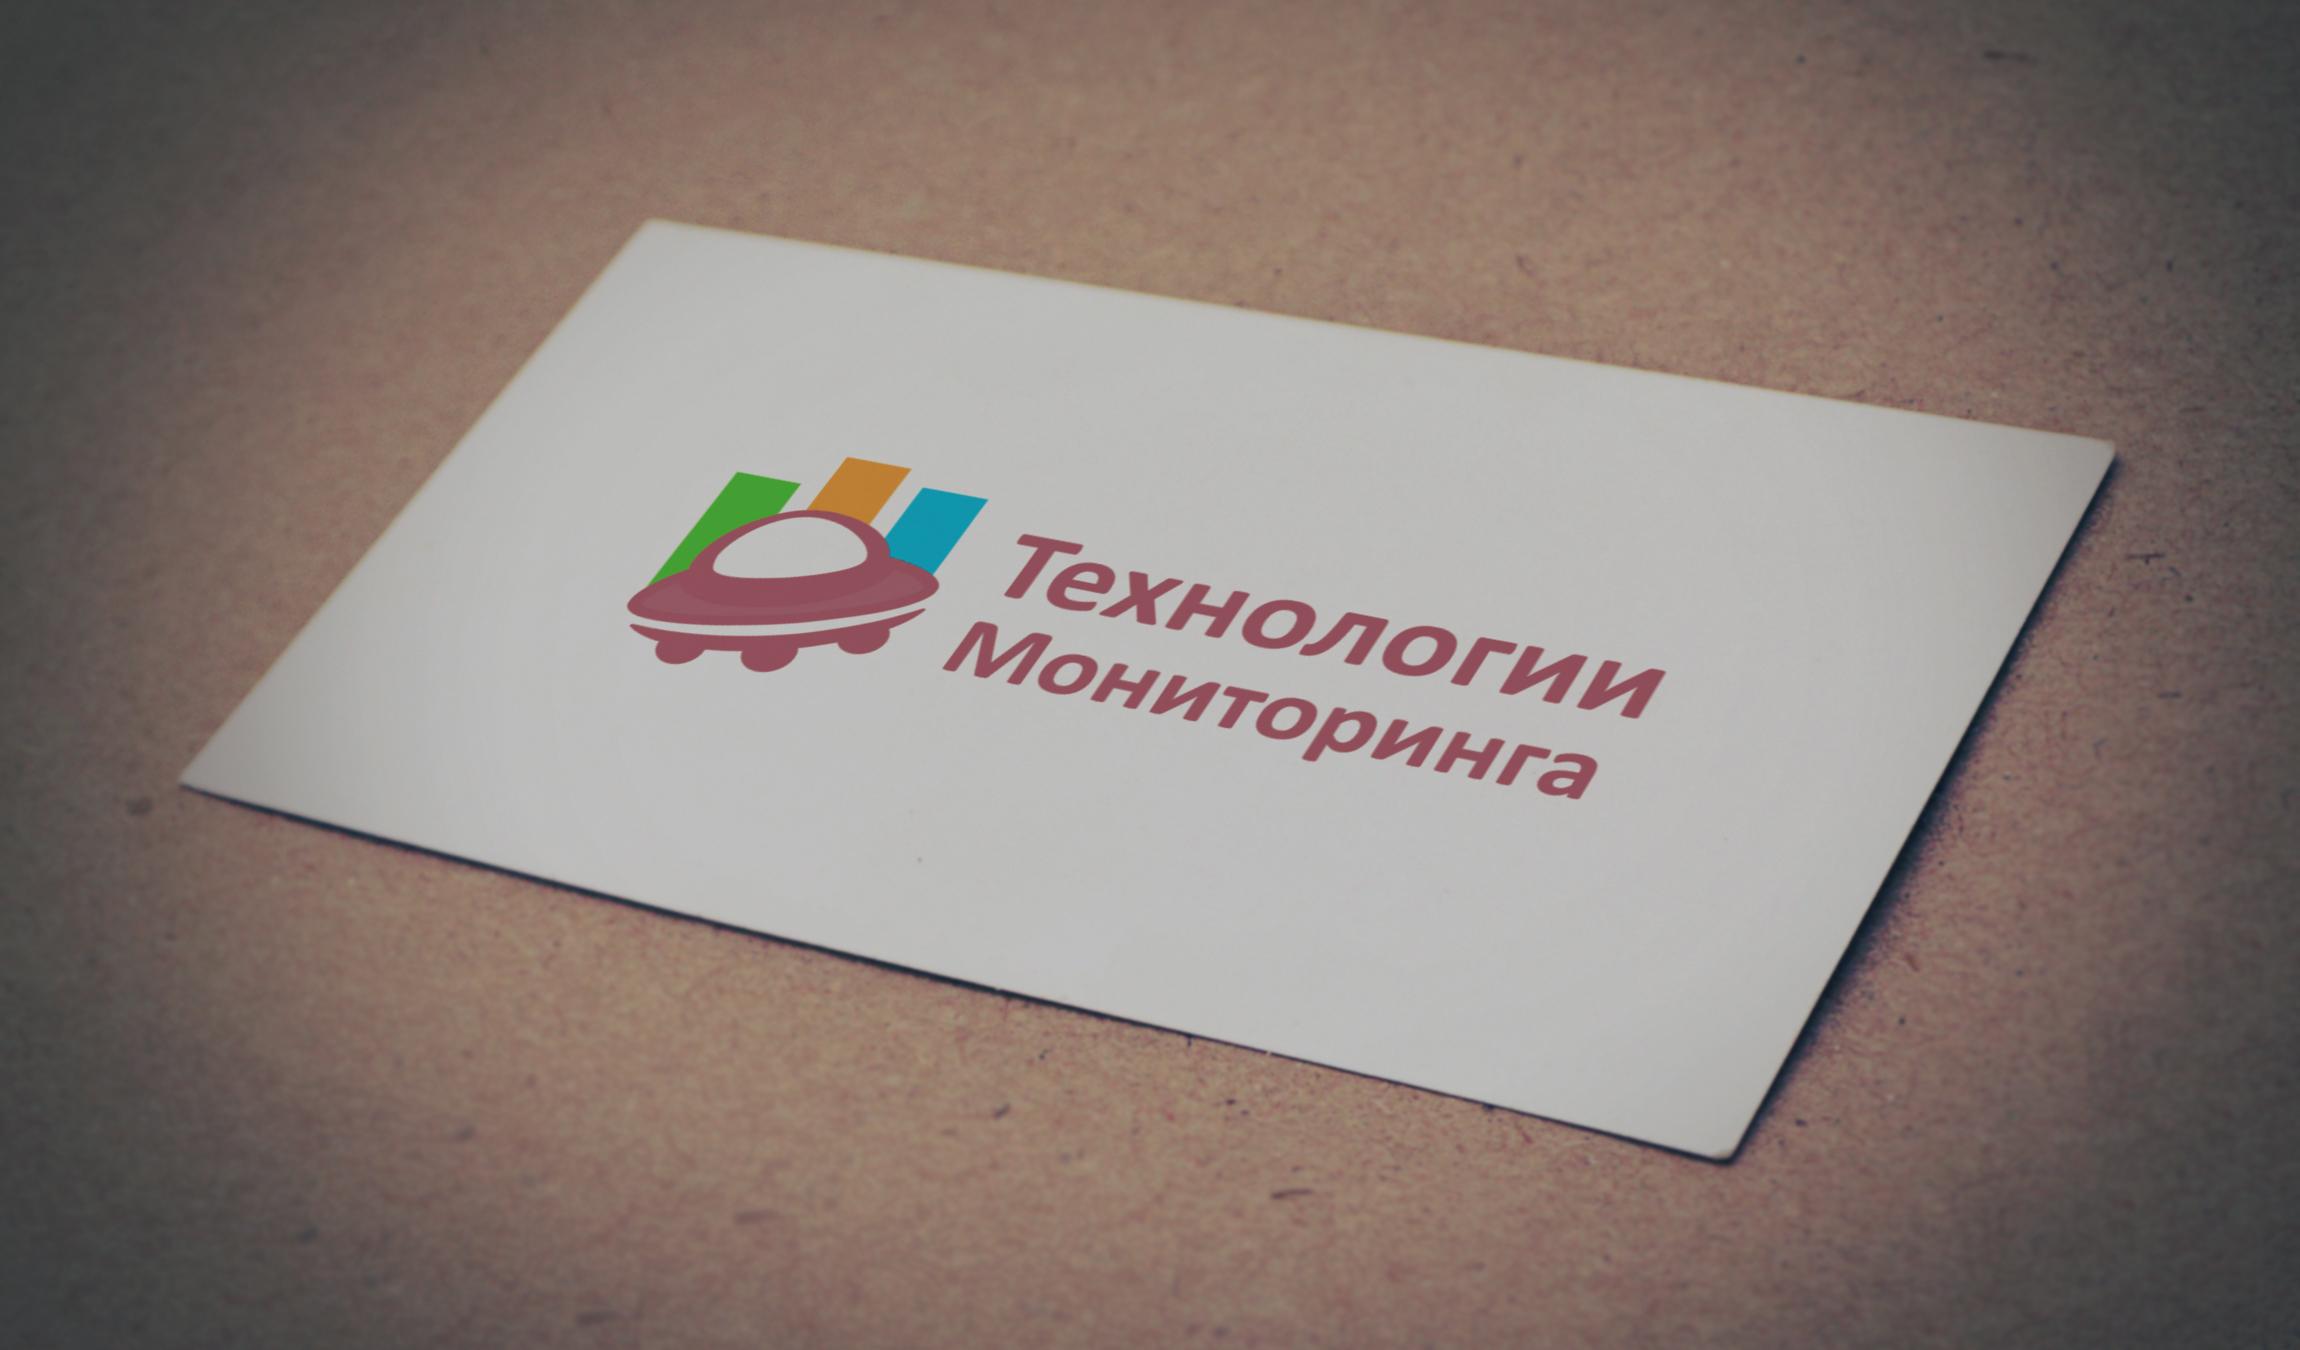 Разработка логотипа фото f_8285977fcd6b02fa.jpg